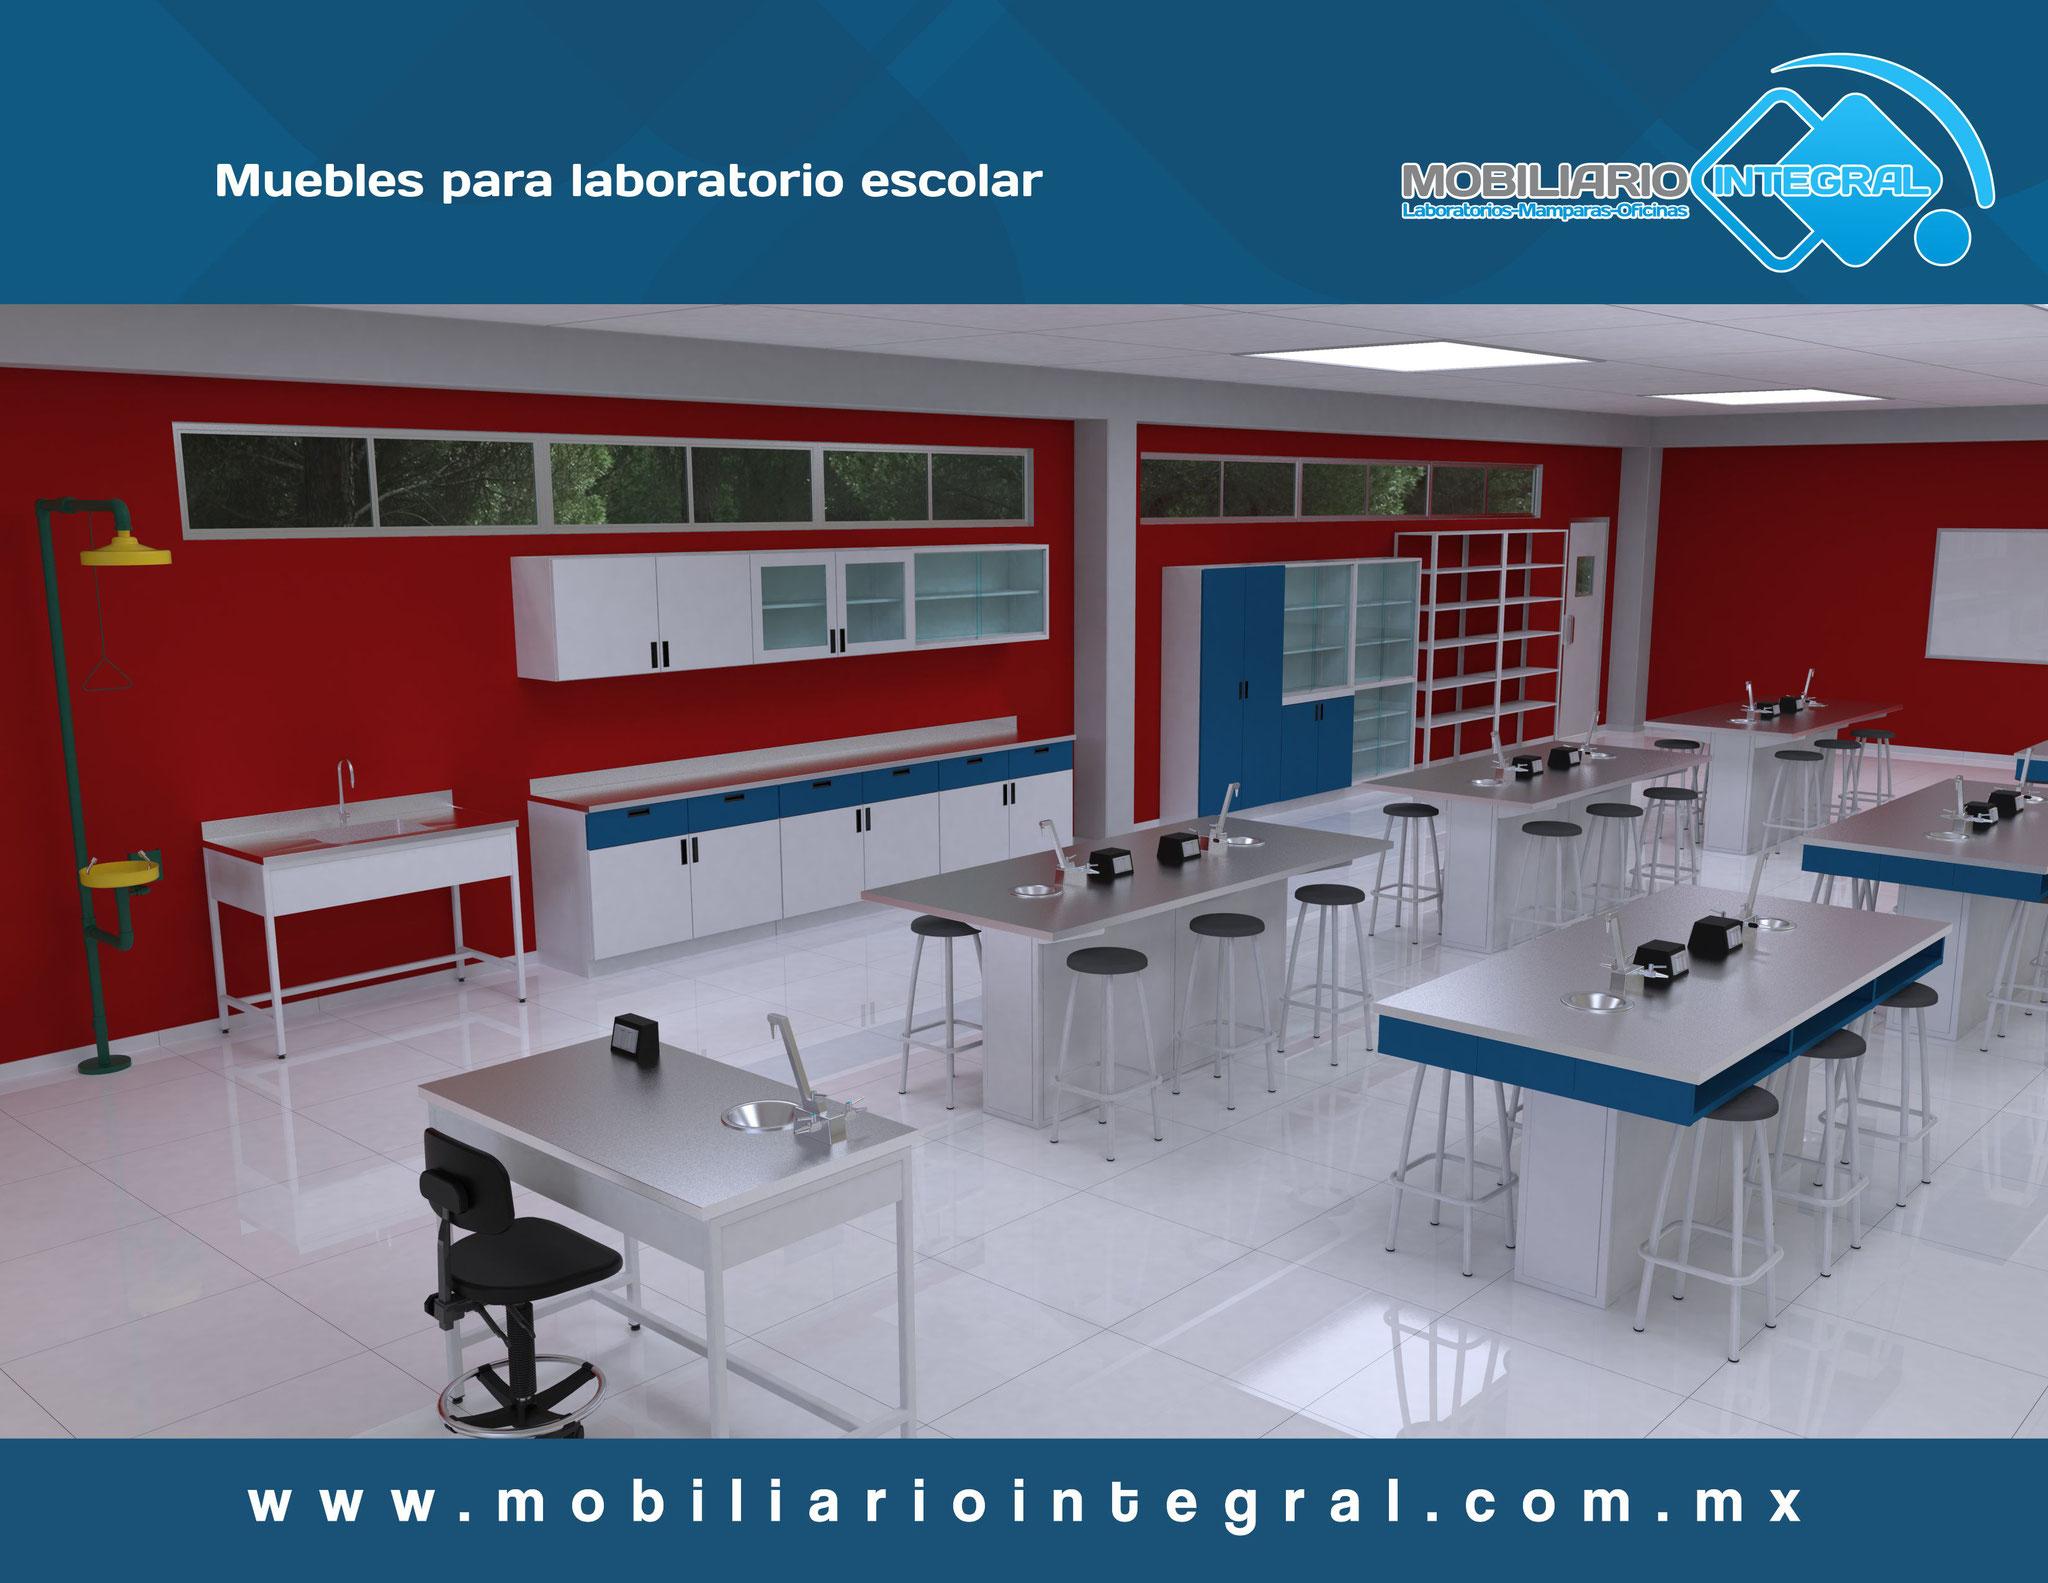 Muebles para laboratorio escolar Michoacán